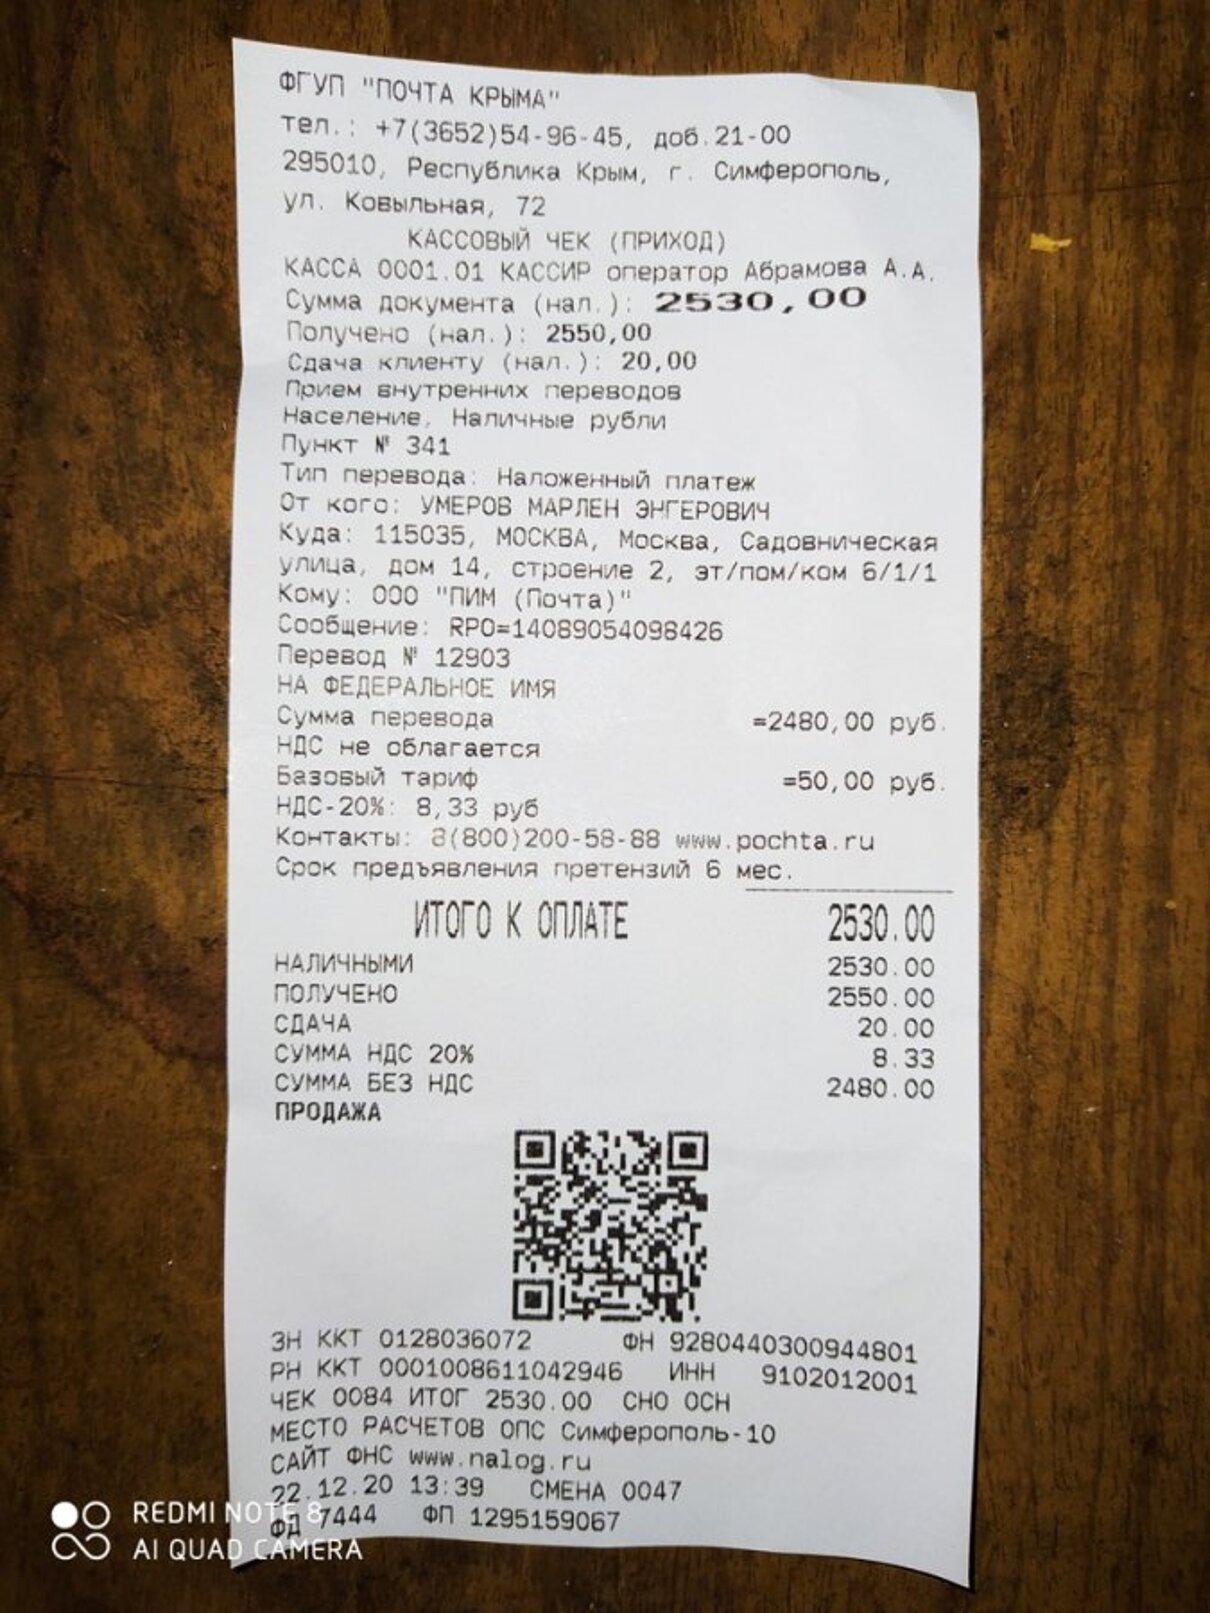 Жалоба-отзыв: LLC Parcels Pro (ООО Вертон) - Выслали не тот товар.  Фото №5